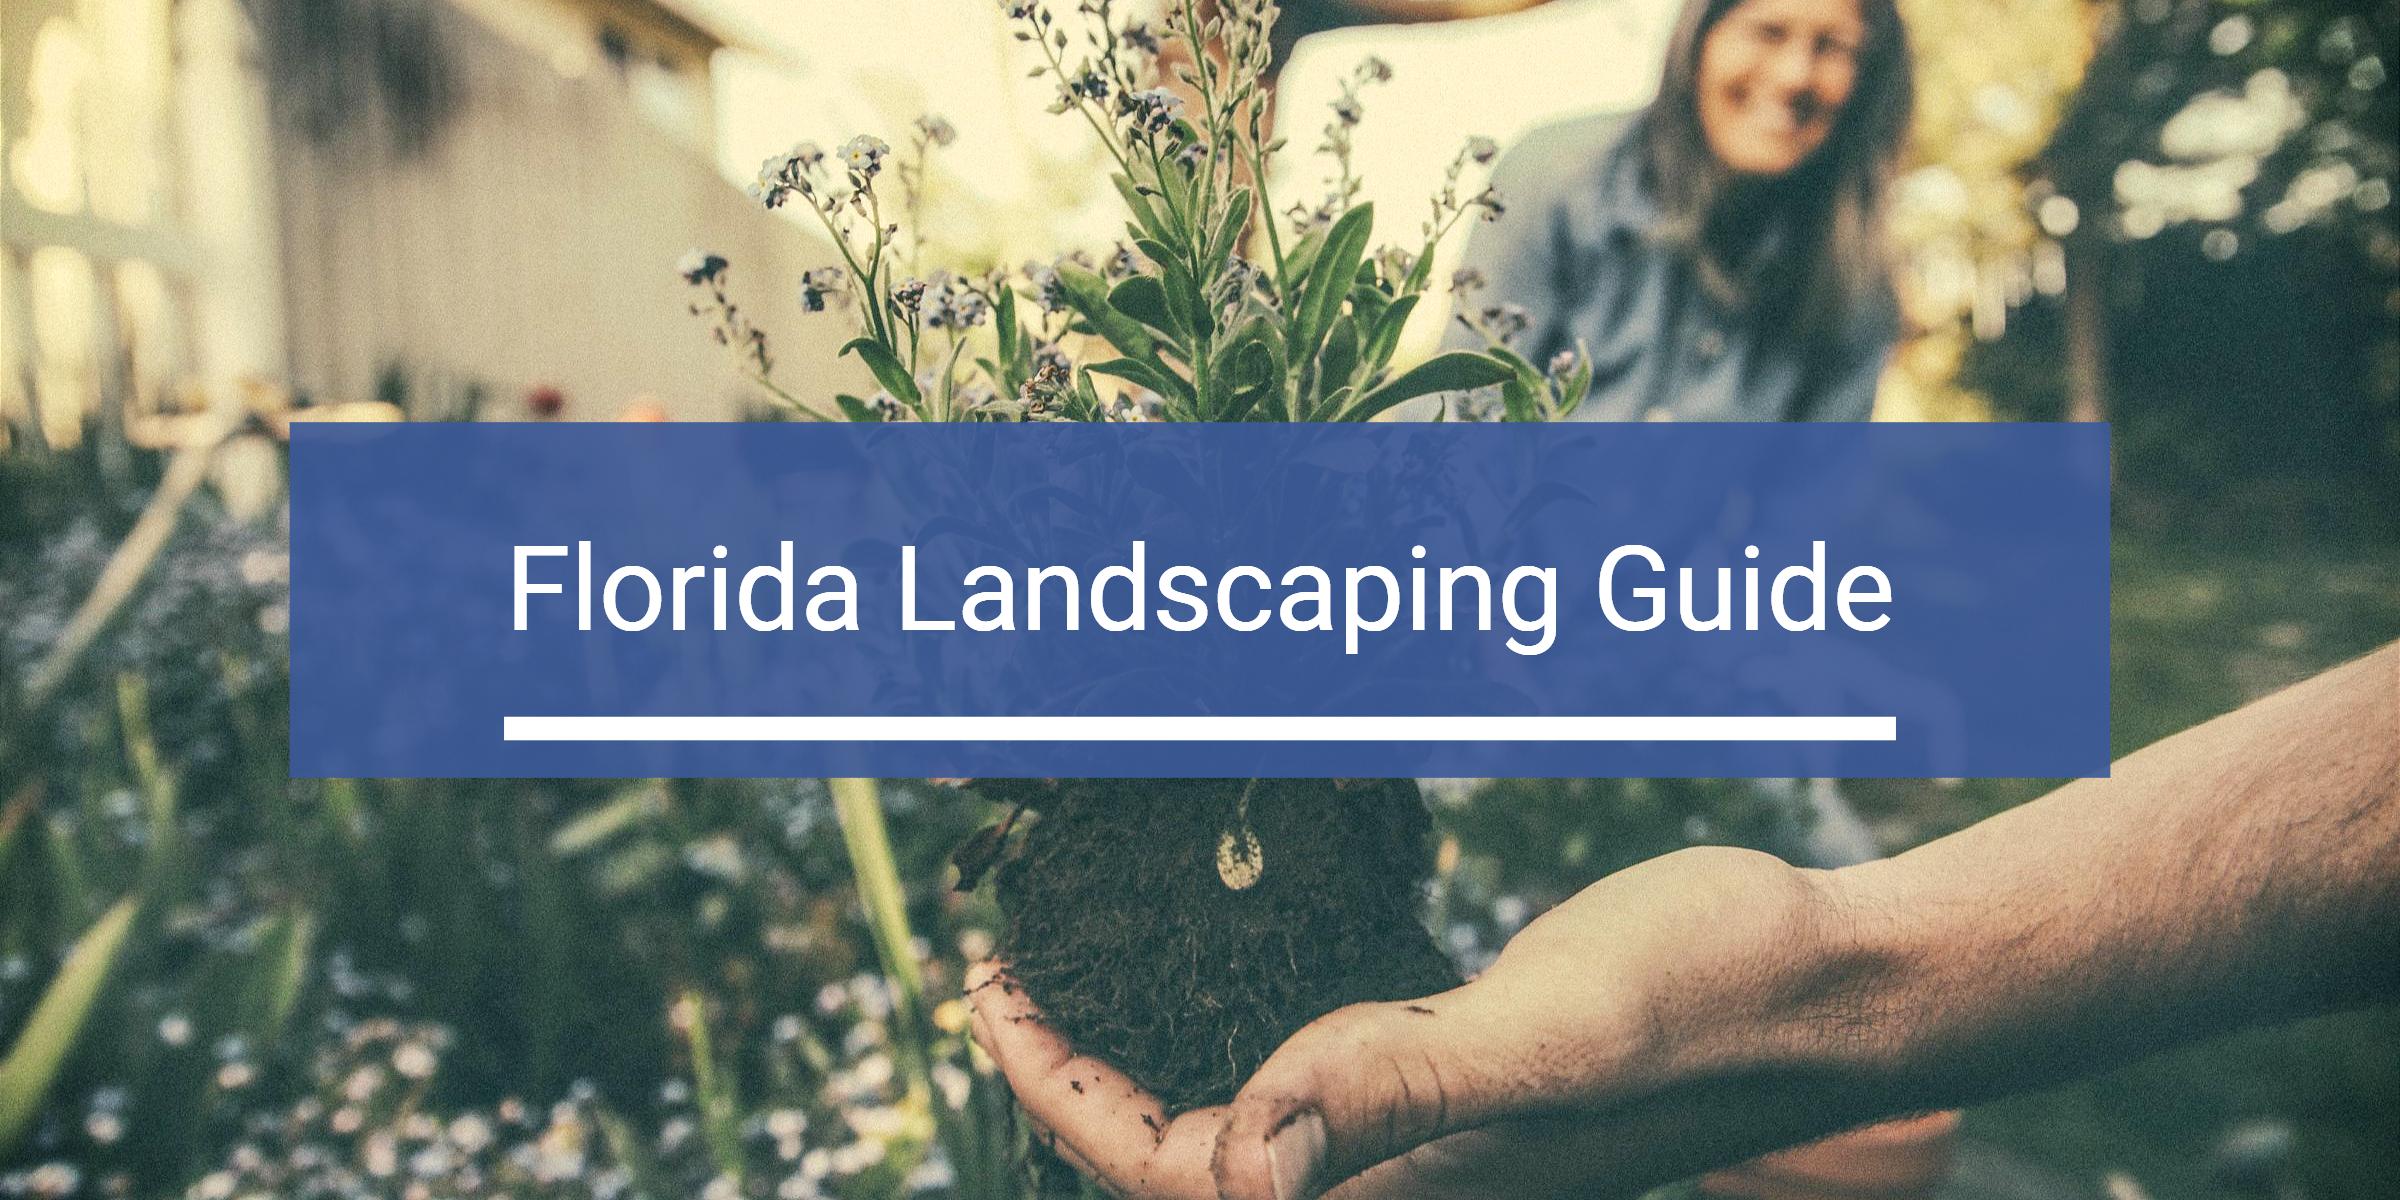 Florida Landscaping Guide Header Image